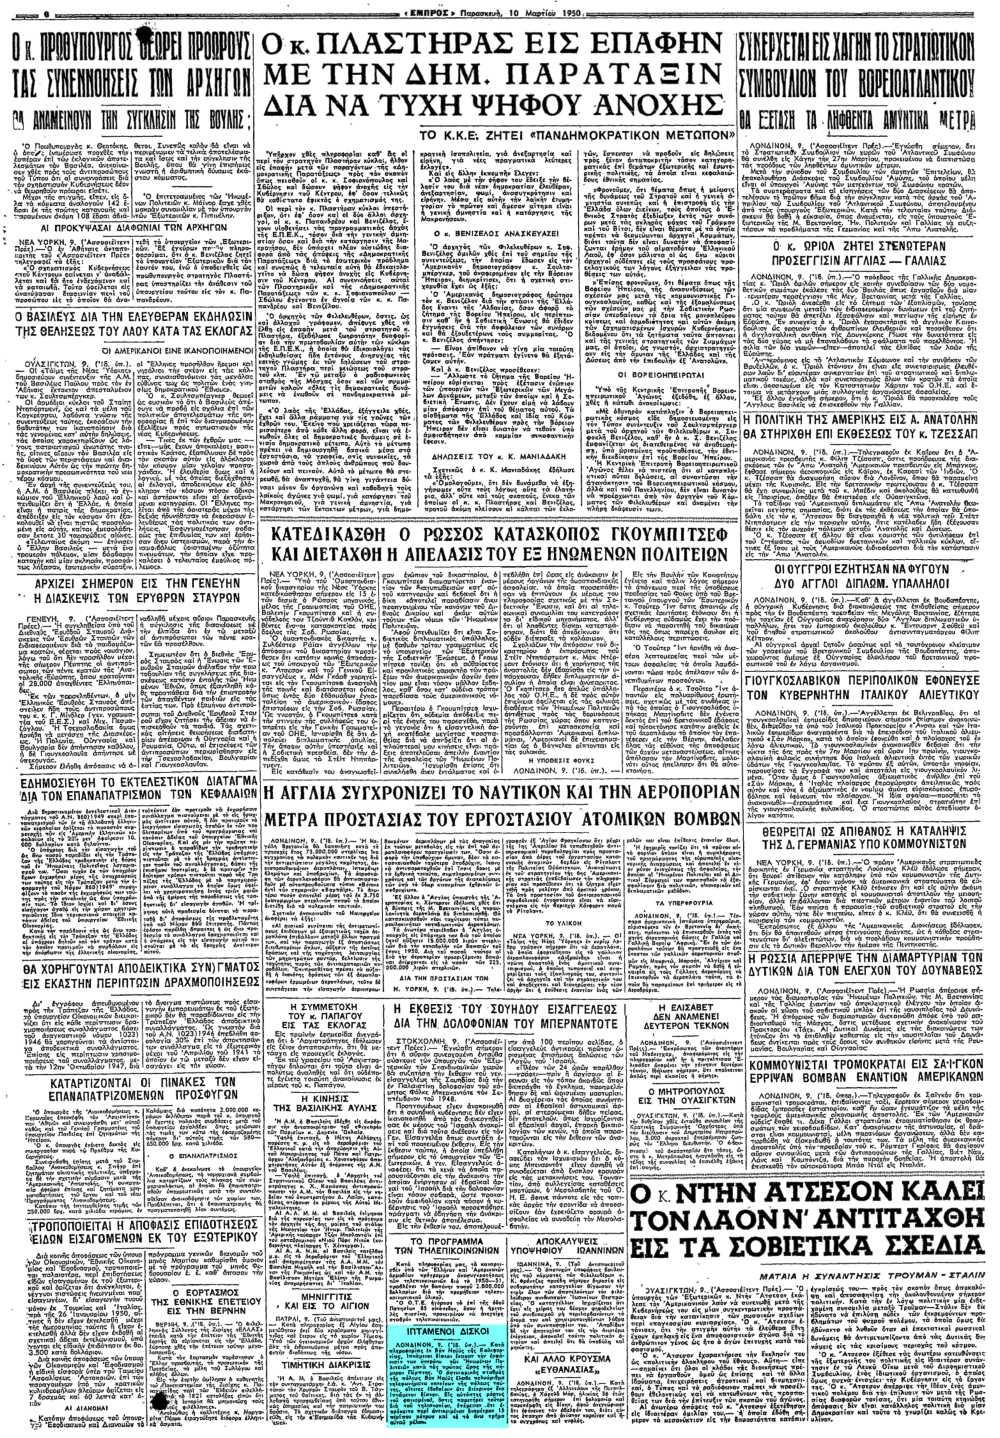 """Το άρθρο, όπως δημοσιεύθηκε στην εφημερίδα """"ΕΜΠΡΟΣ"""", στις 10/03/1950"""